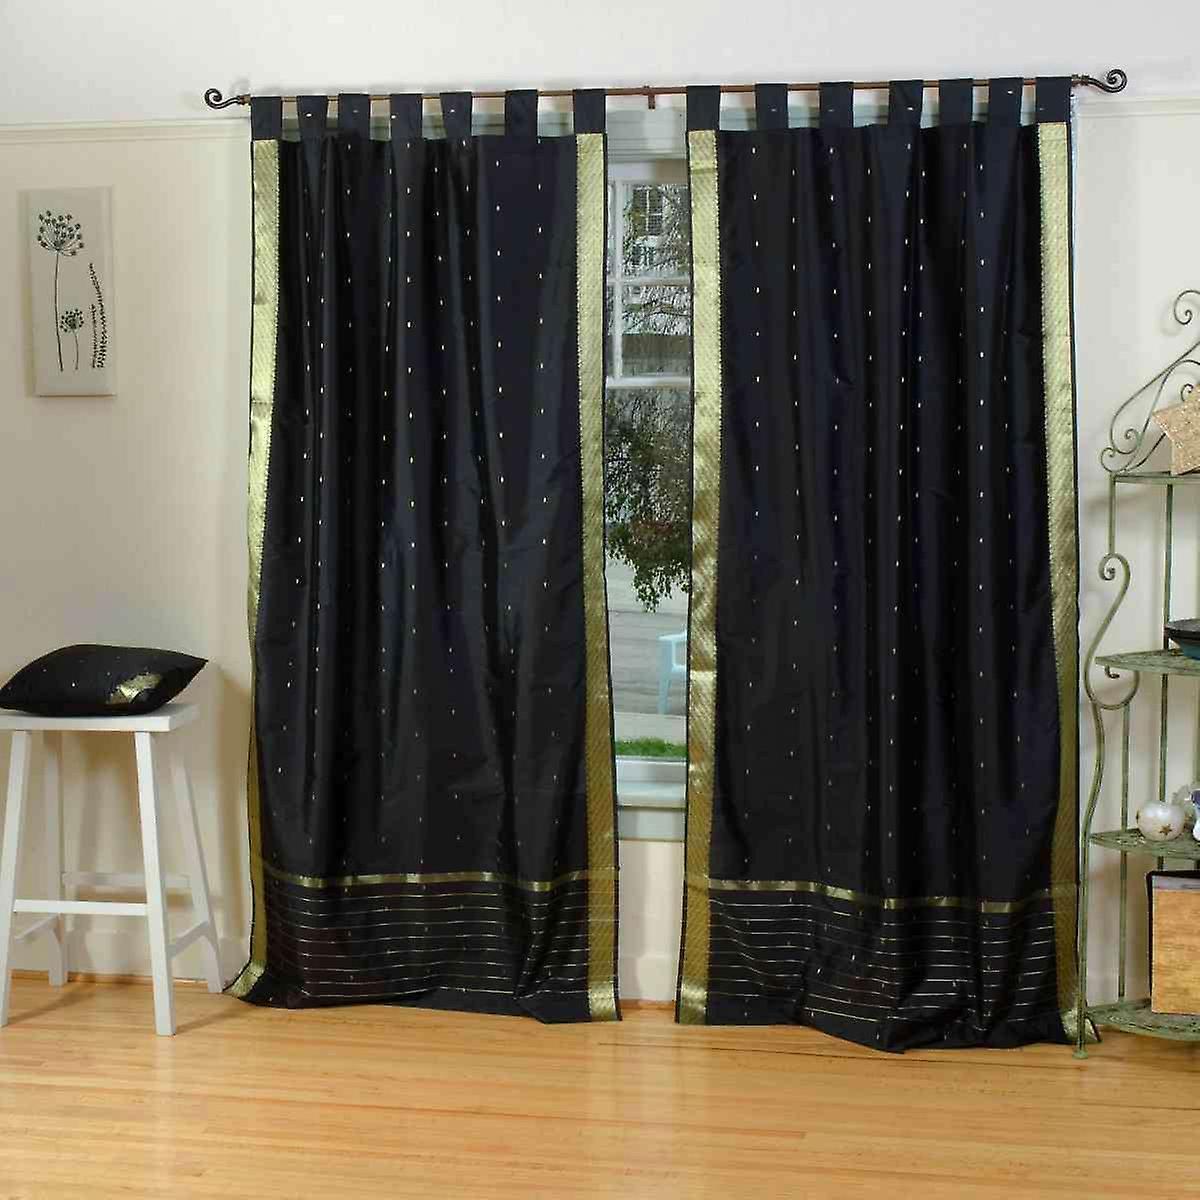 Black Sari RideauDrape PanneauPaire Pure Albums Onglet POZn0wXN8k